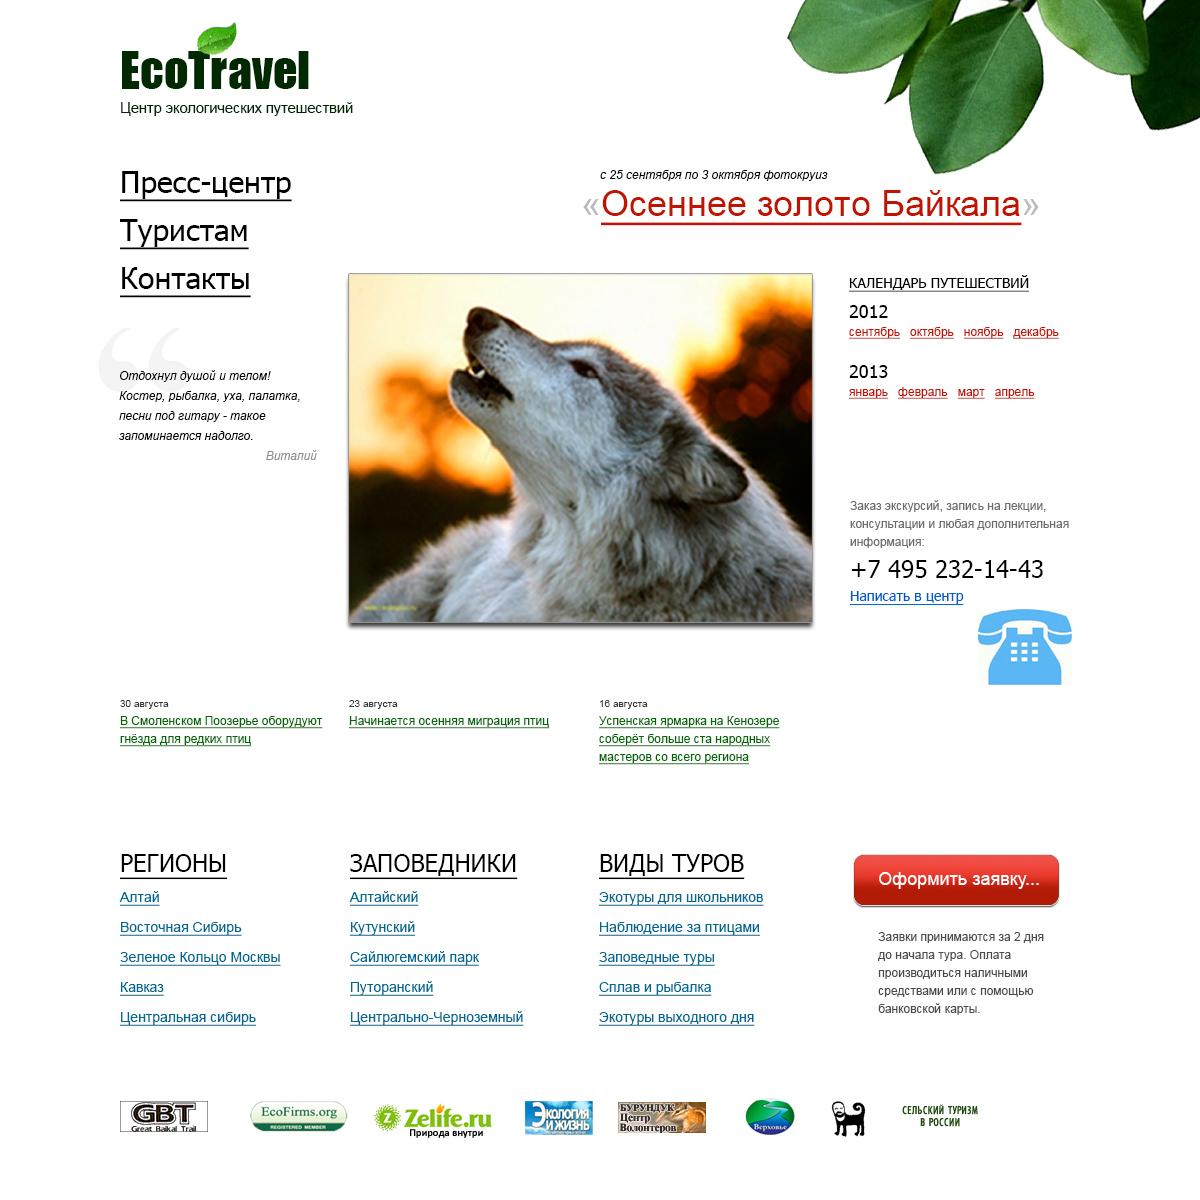 Сайт заказа эко-путешествий «Экотревел»